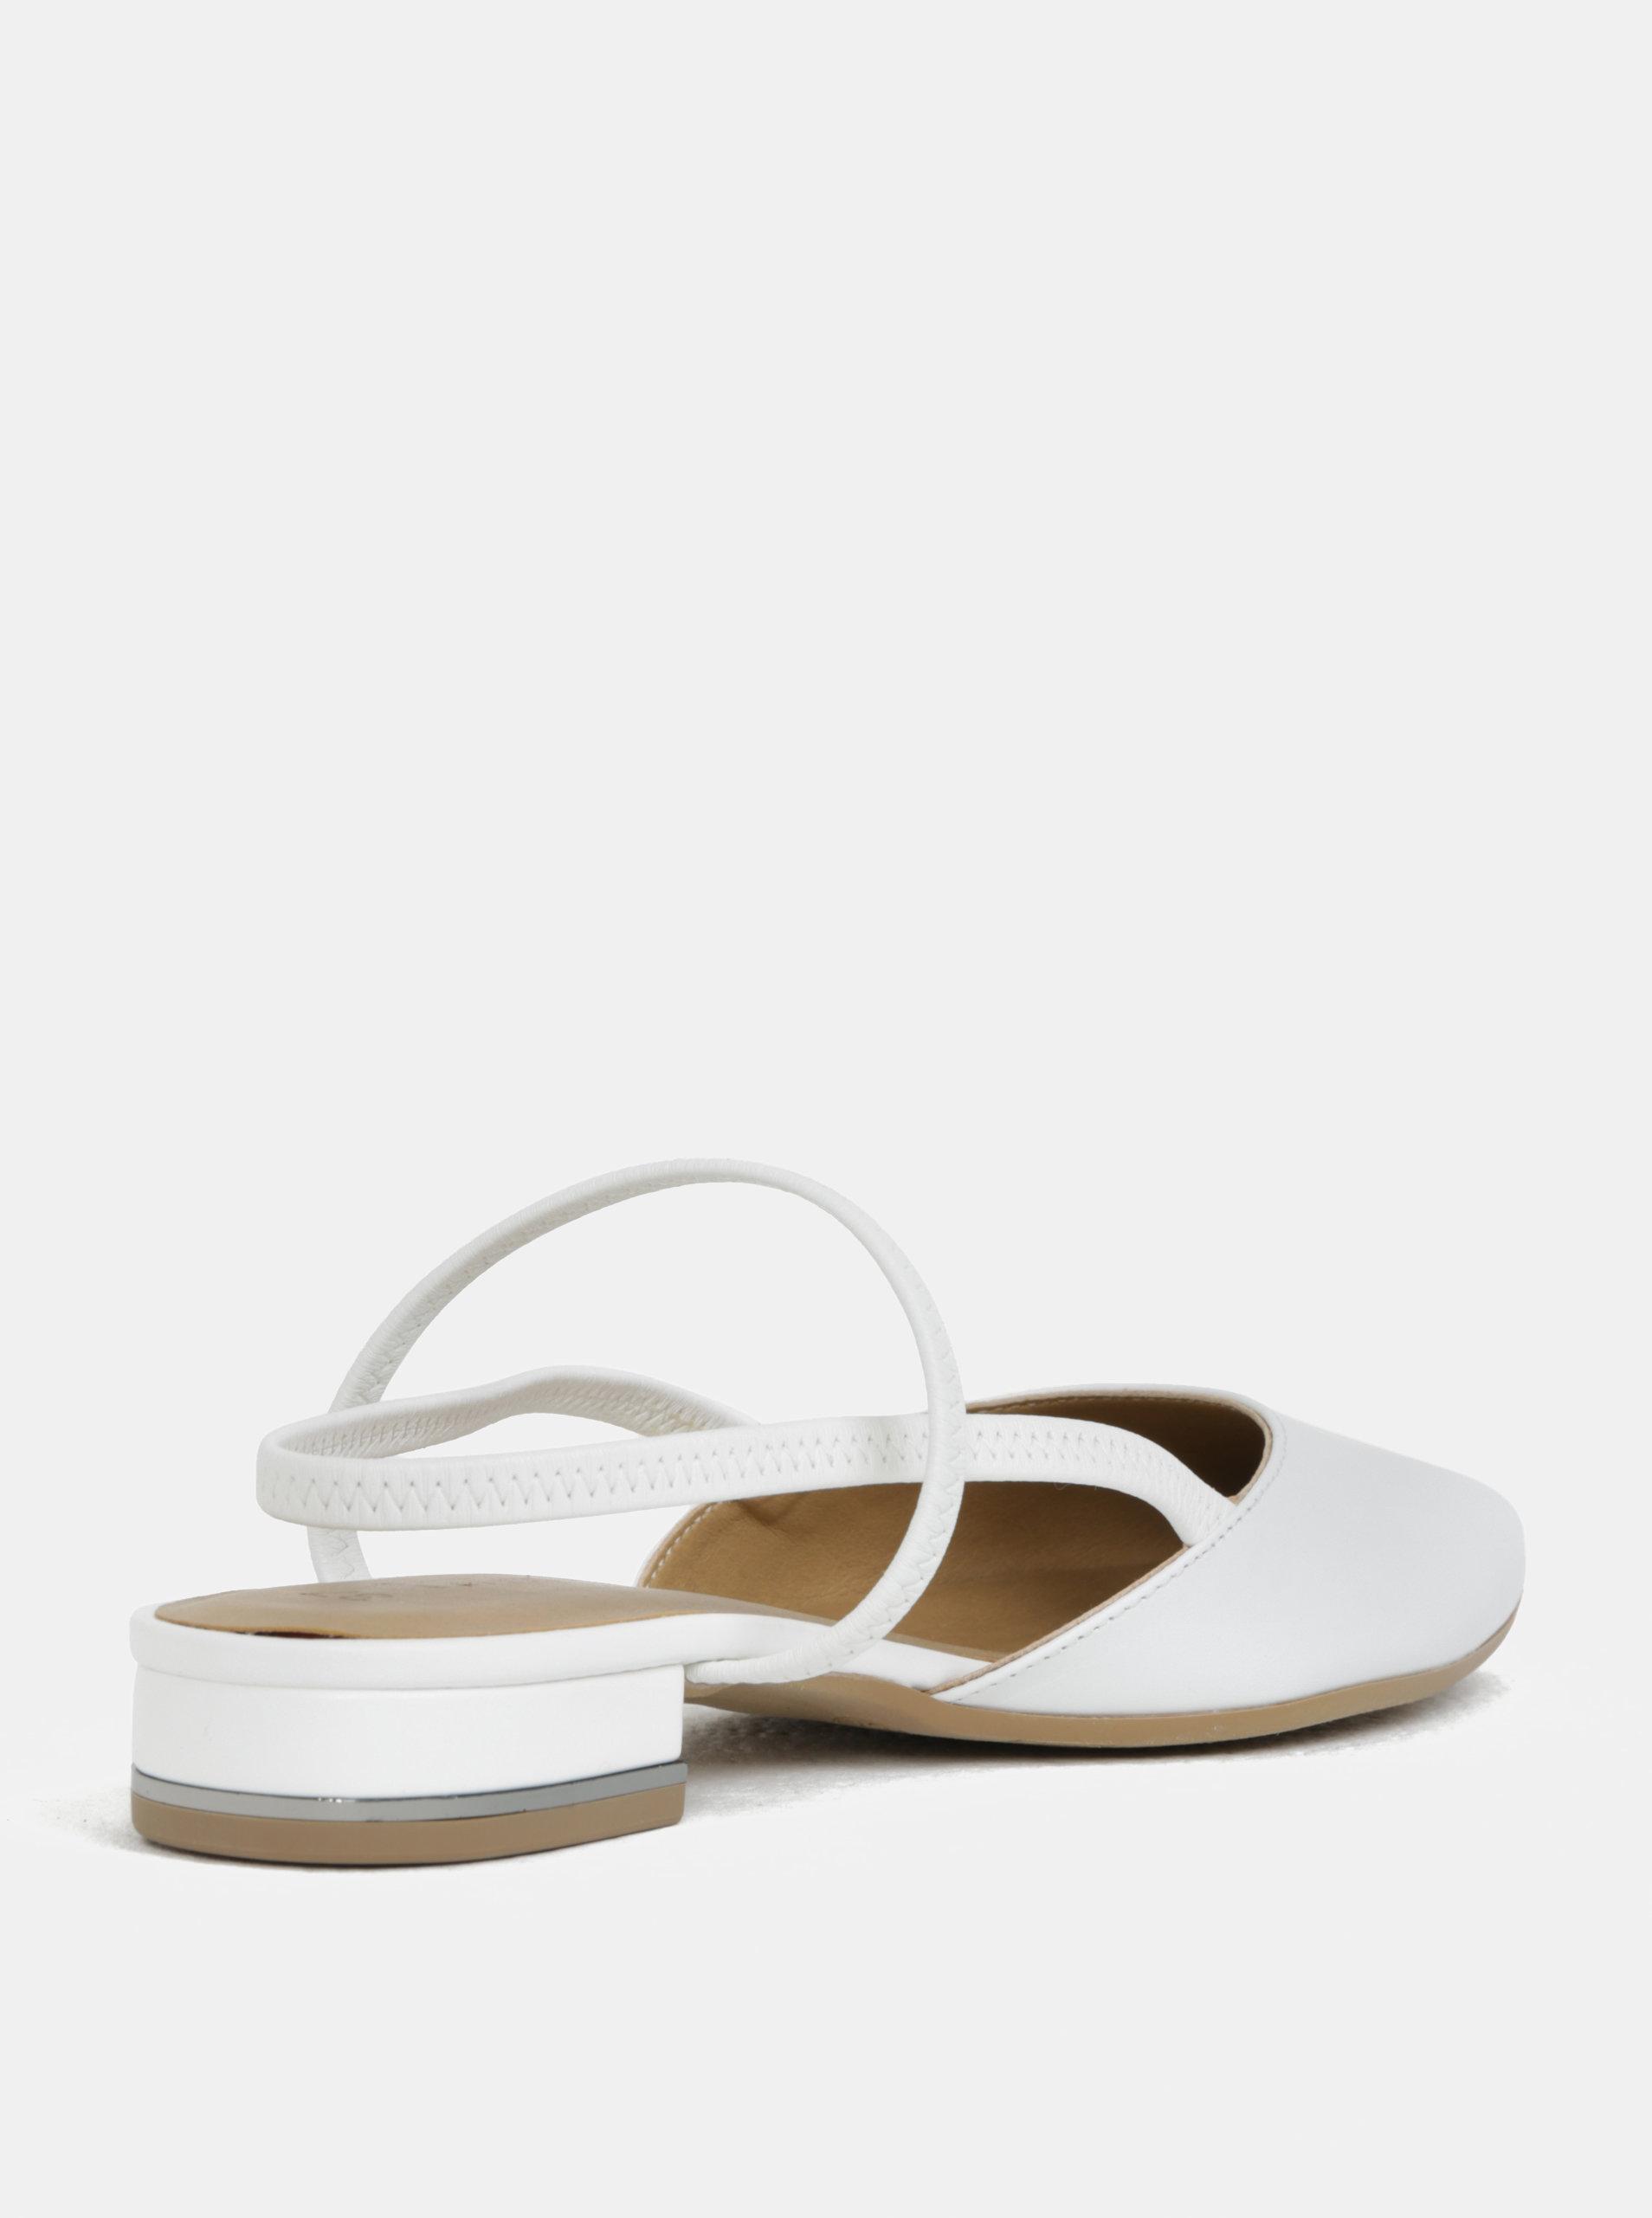 166c294e4a Biele kožené sandále s plnou špičkou Tamaris ...